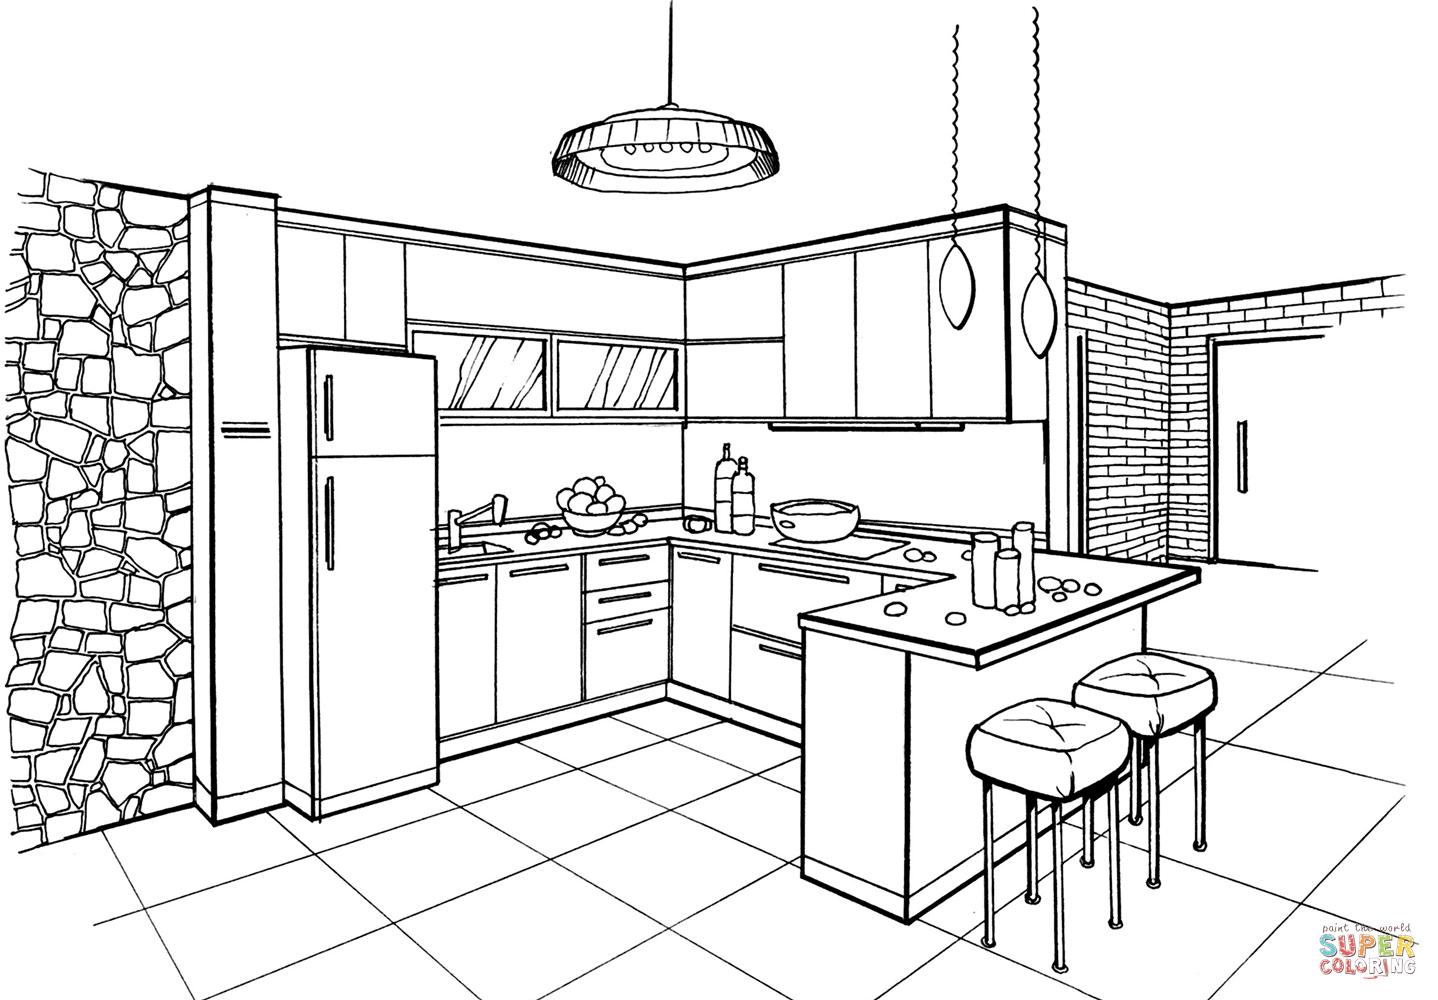 Dibujos De Recetas De Cocina Para Ninos Para Colorear: Dibujo Cocina Infantil